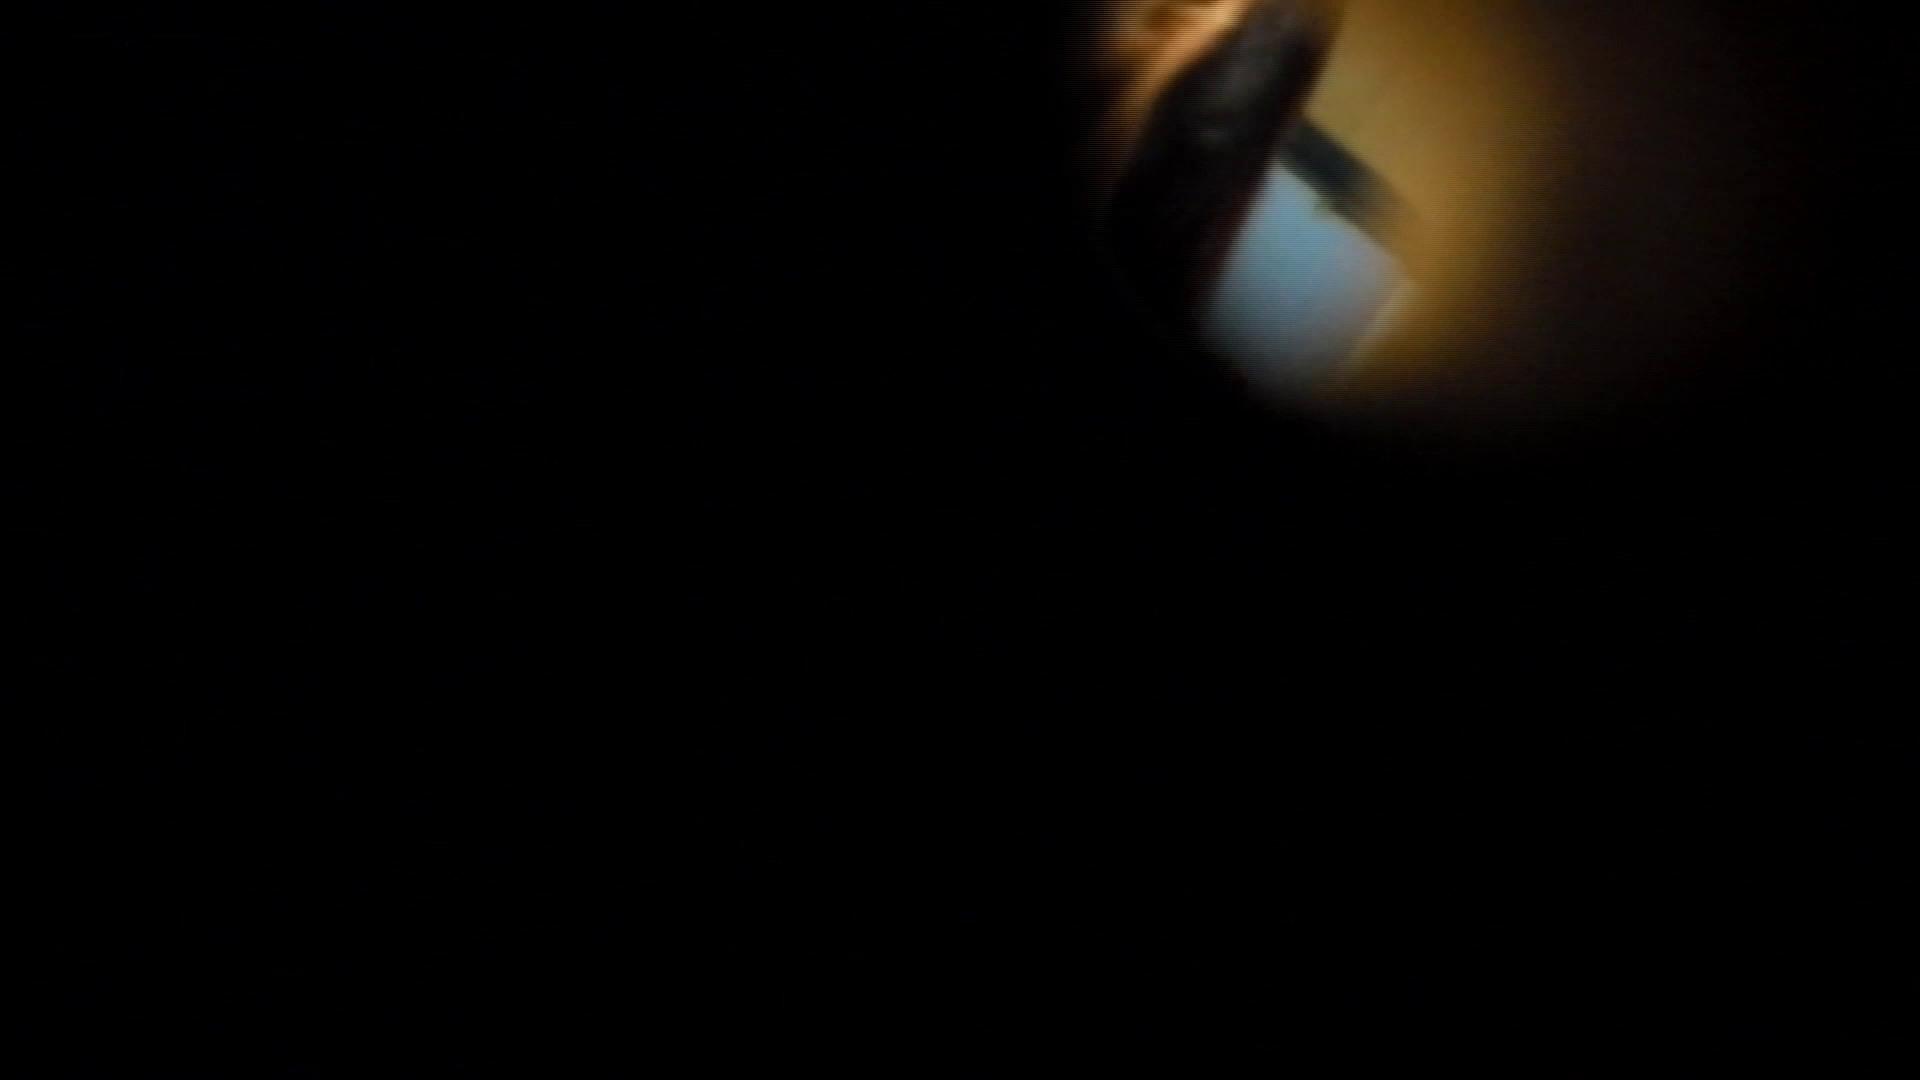 ステーション編 vol47 珍しい、毛からしたってくる聖水 高画質 AV無料動画キャプチャ 81枚 11